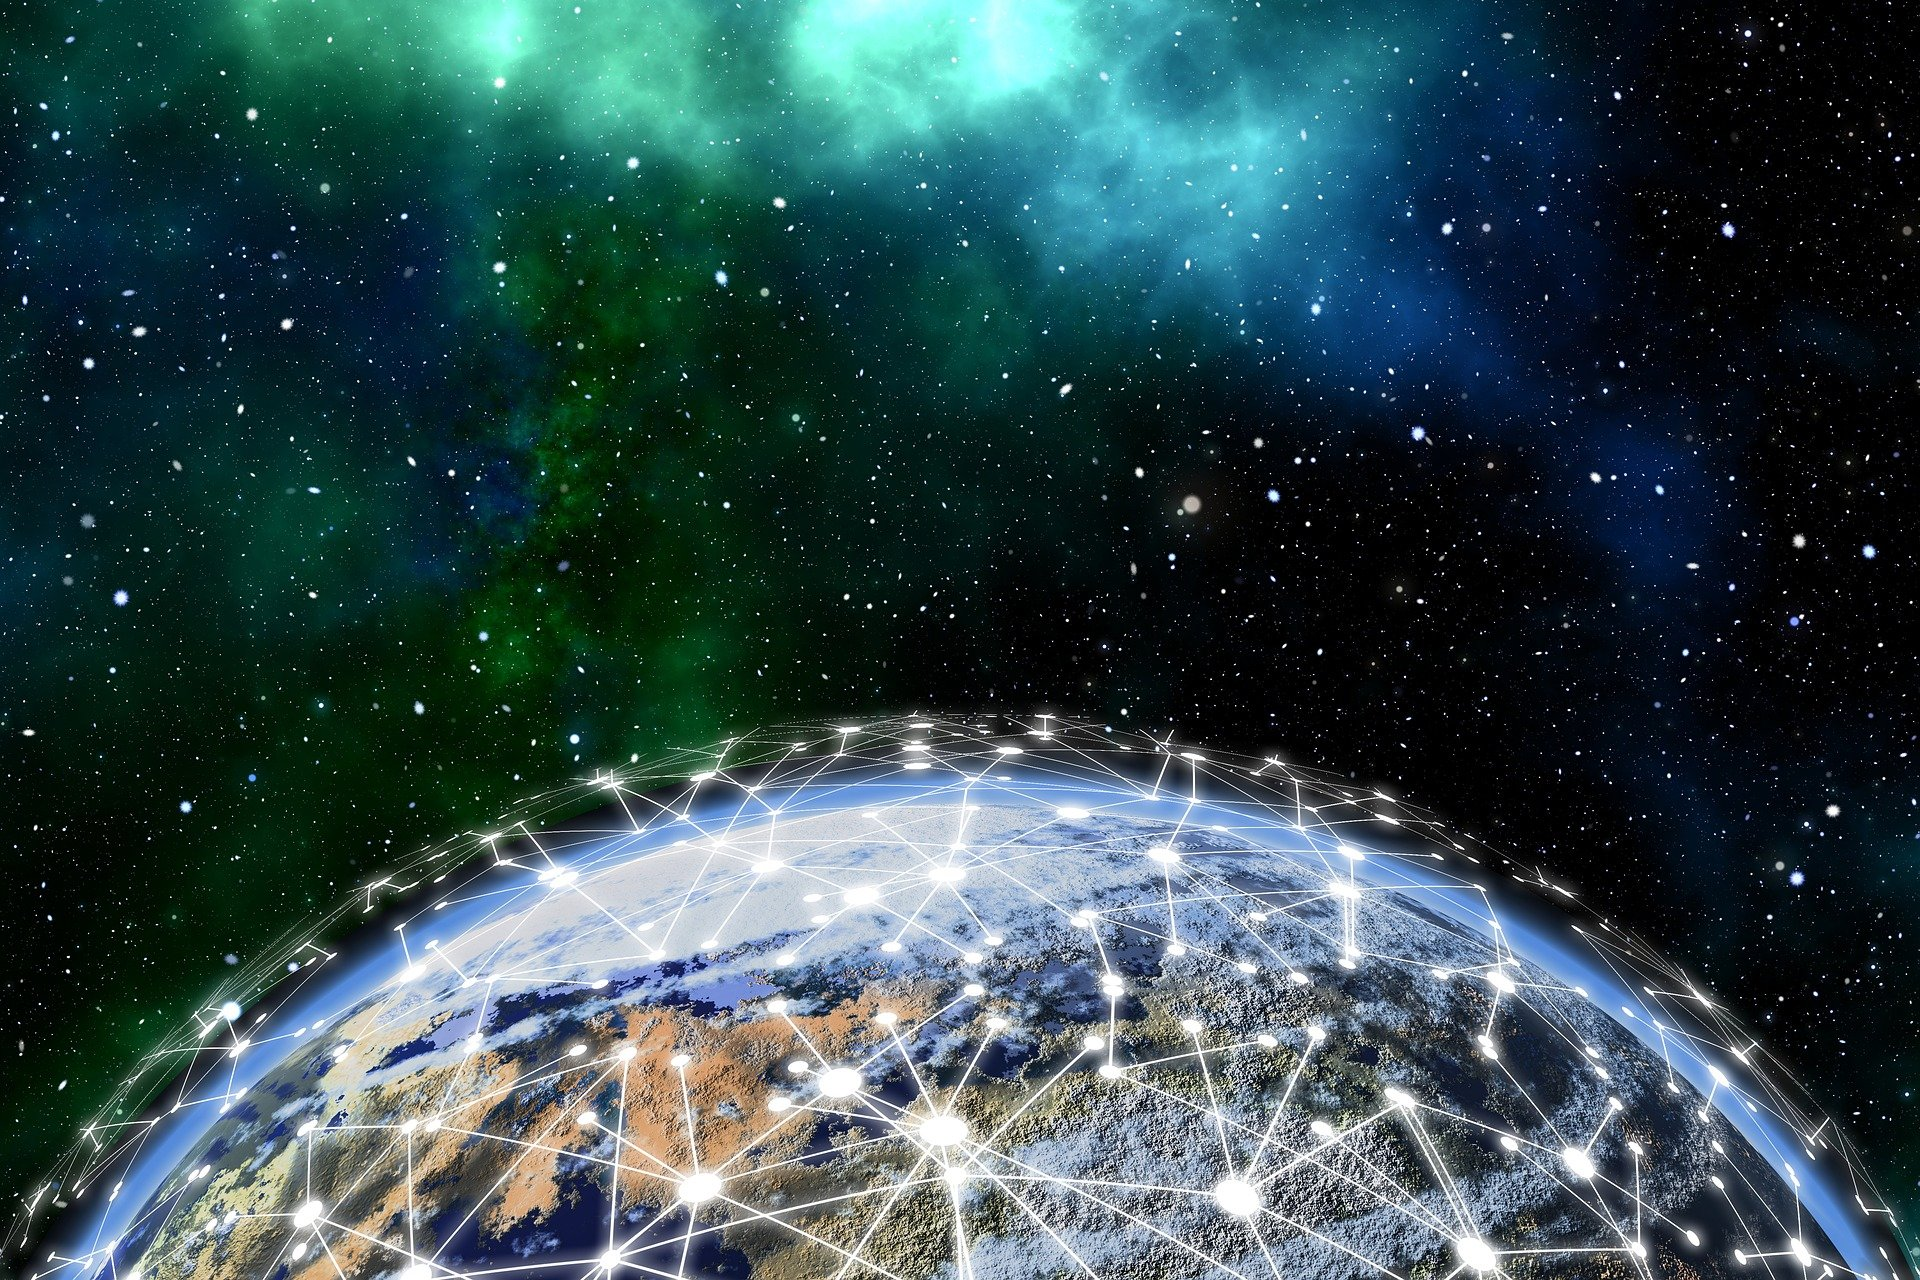 Hintergrund Cato Networks